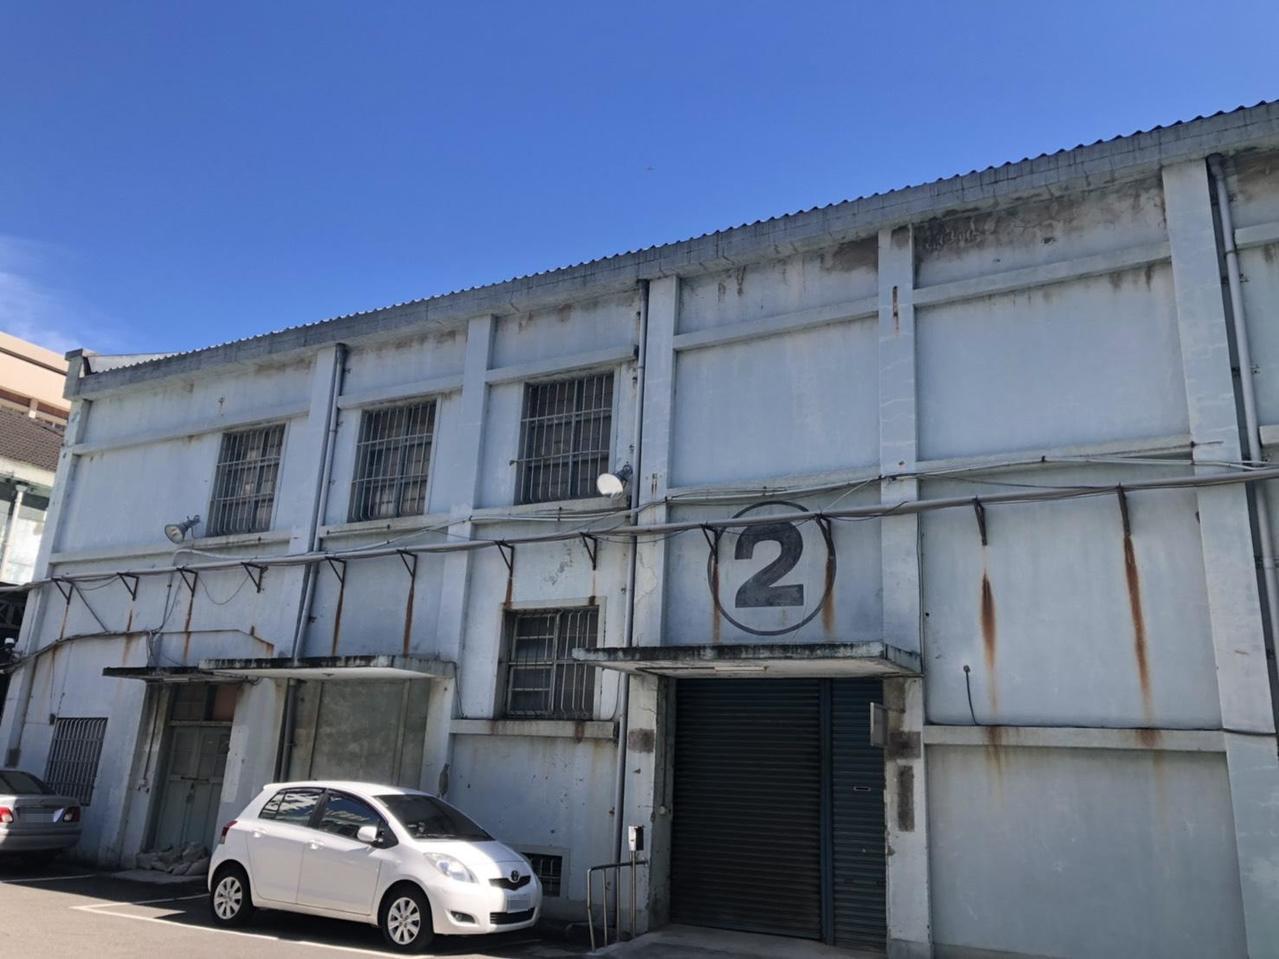 文資審議會 通過新竹專賣局2號倉庫等3案再利用計畫